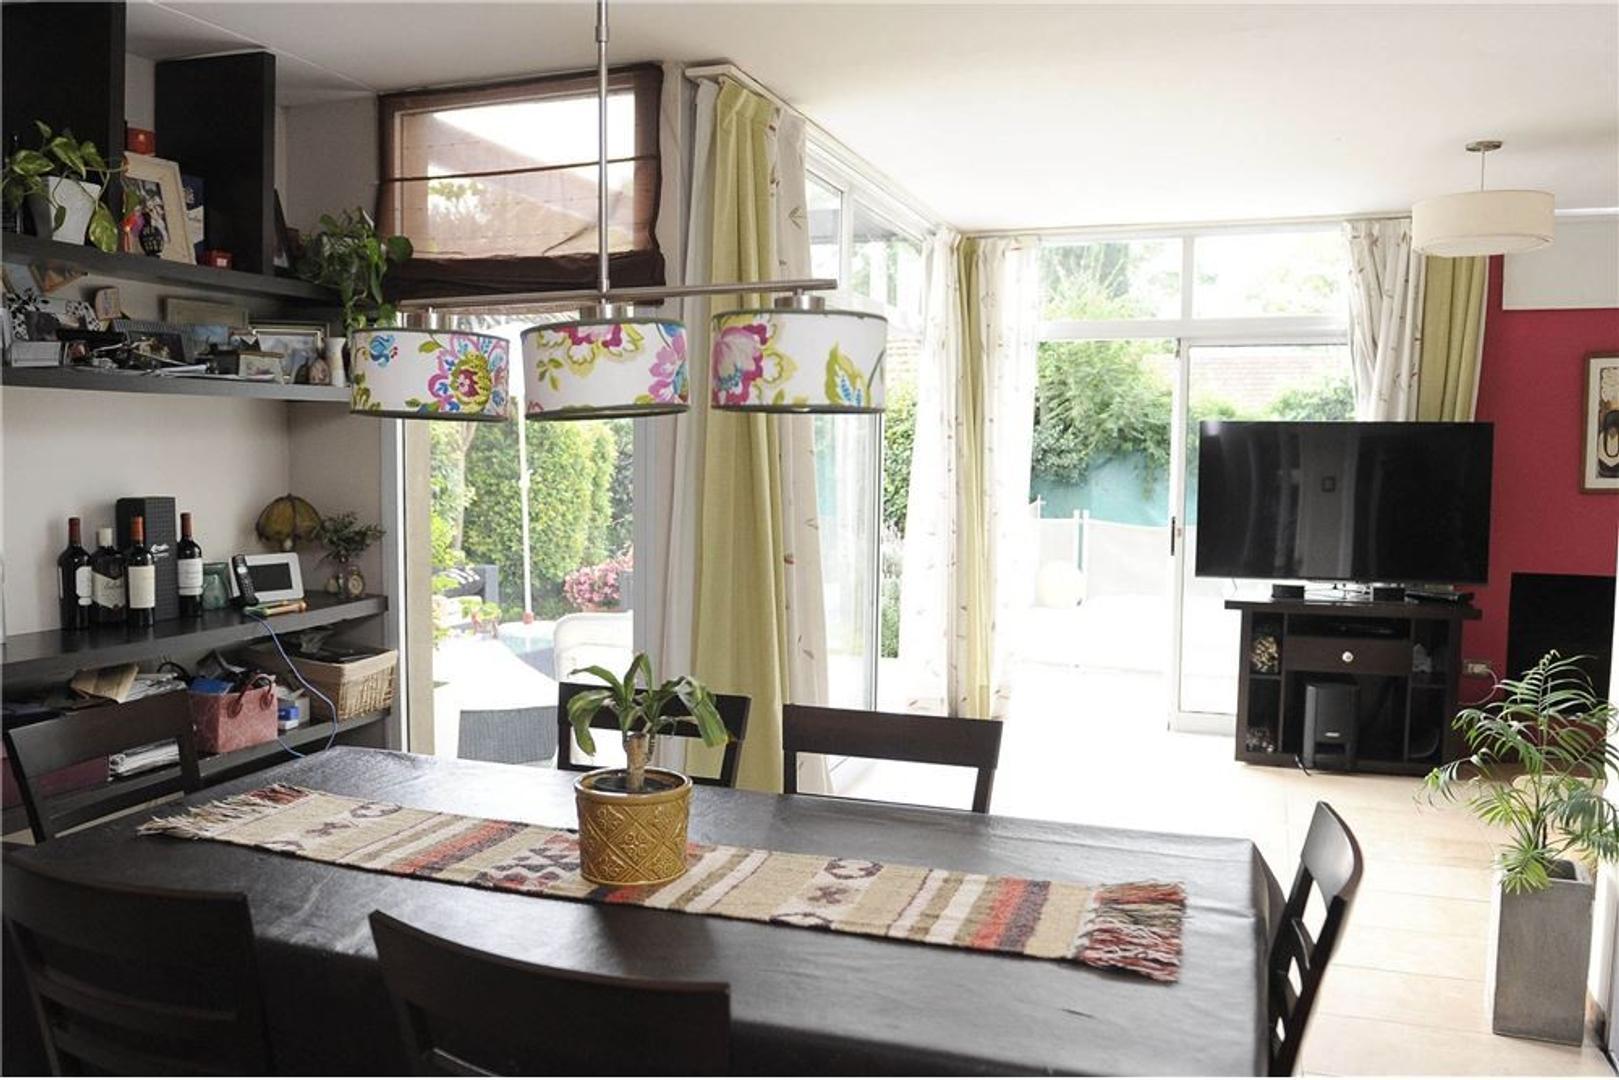 Casa en venta en Gonnet de tres dormitorios